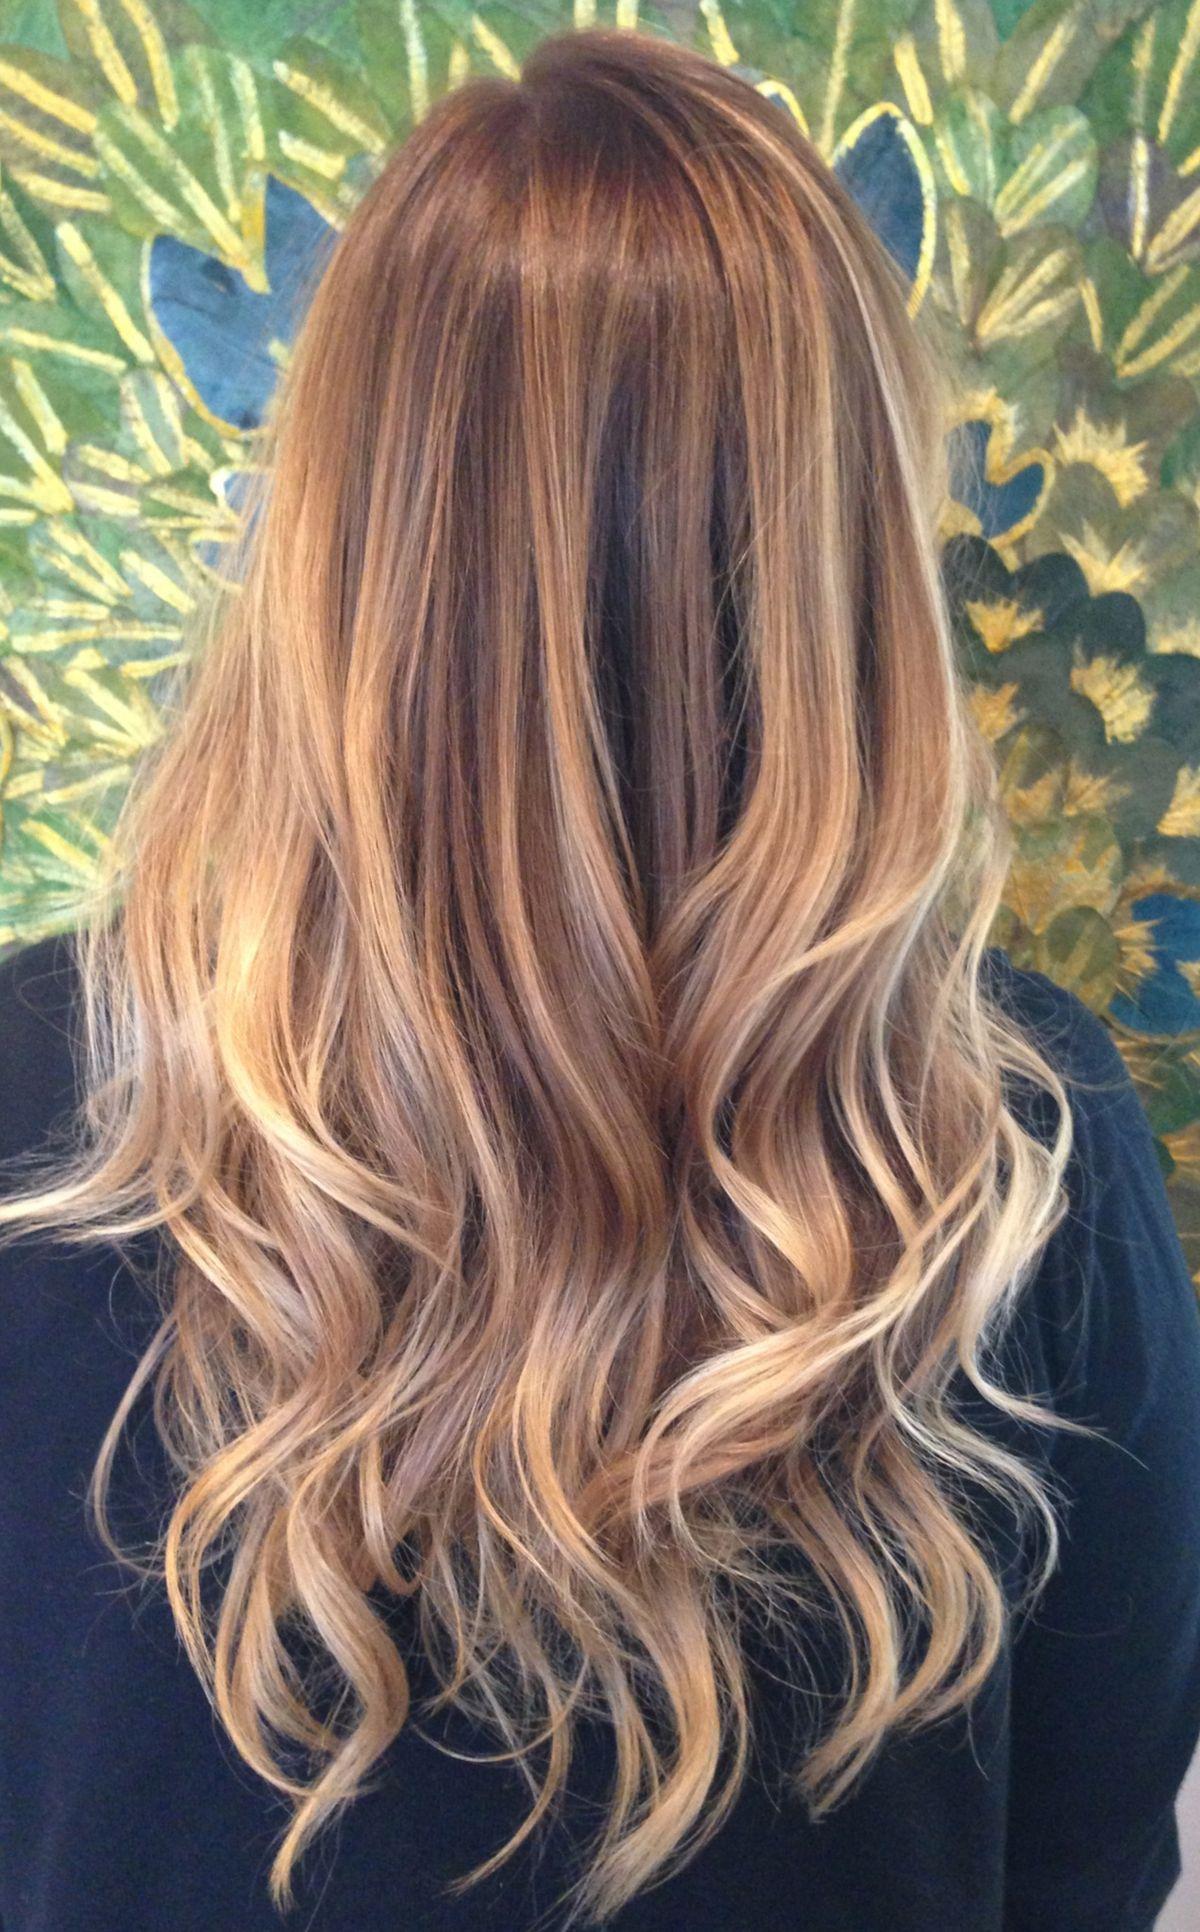 Edbefbbbafcg pixels hair